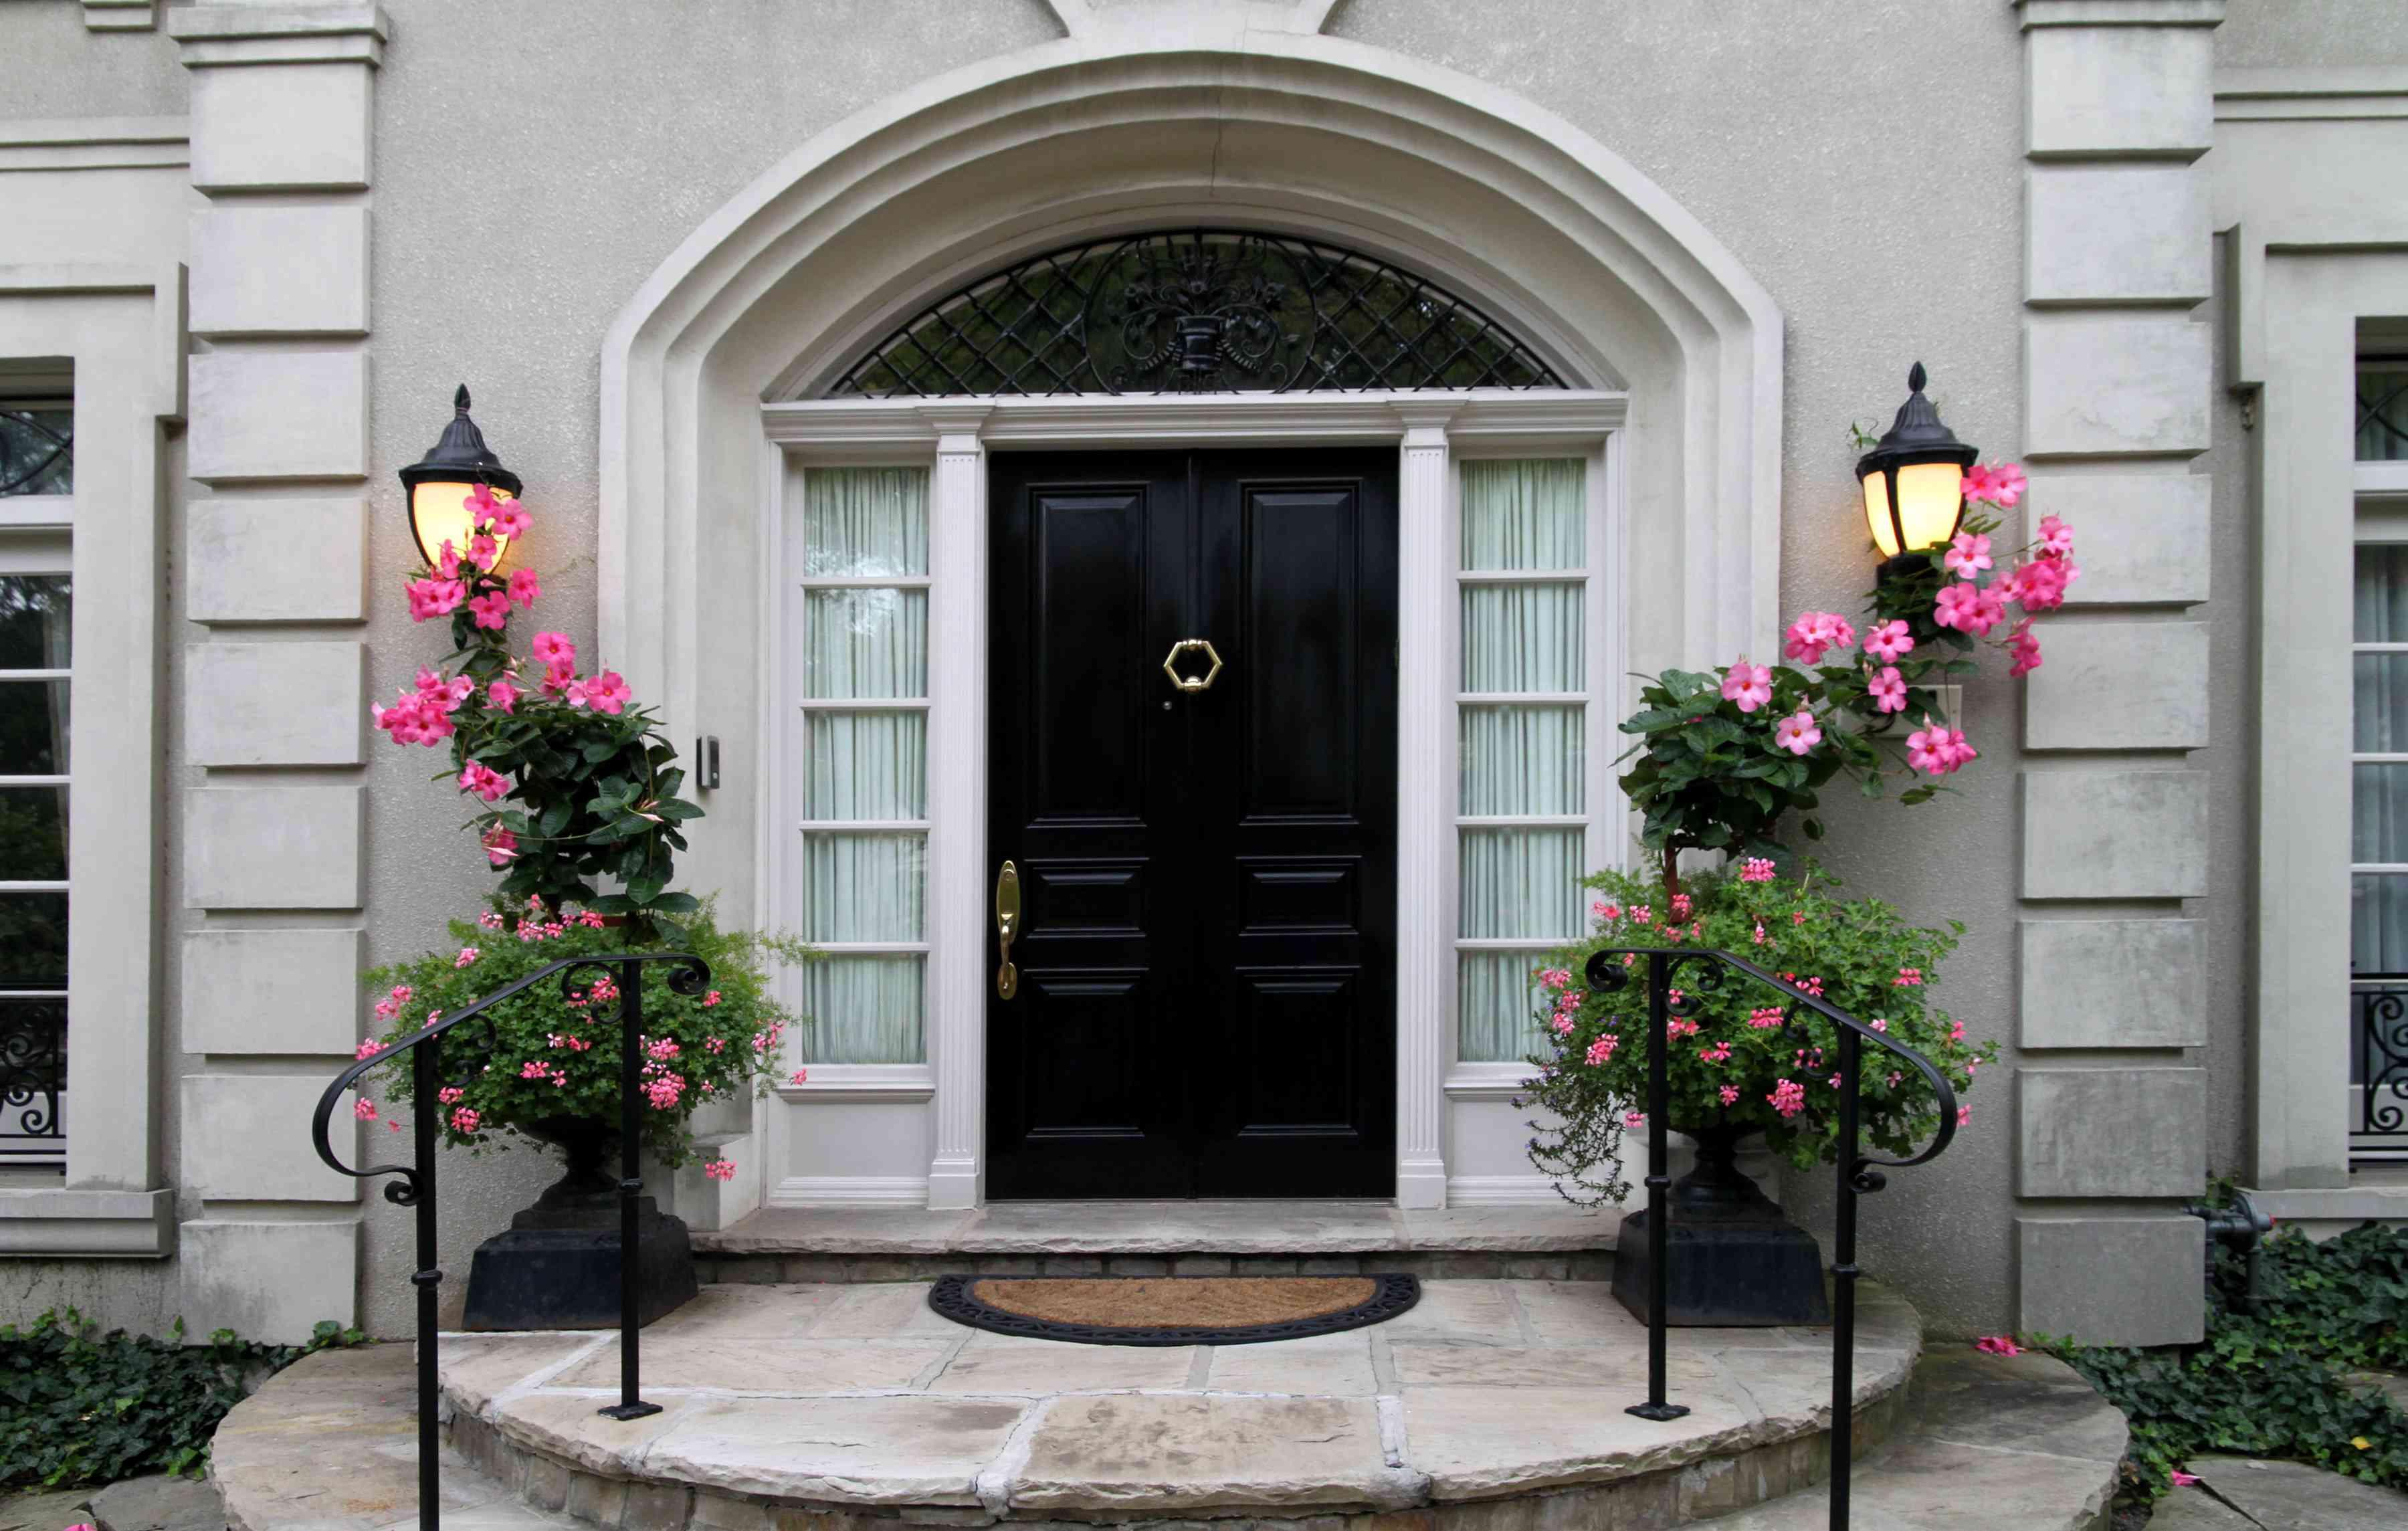 Elegant black front door with flowers